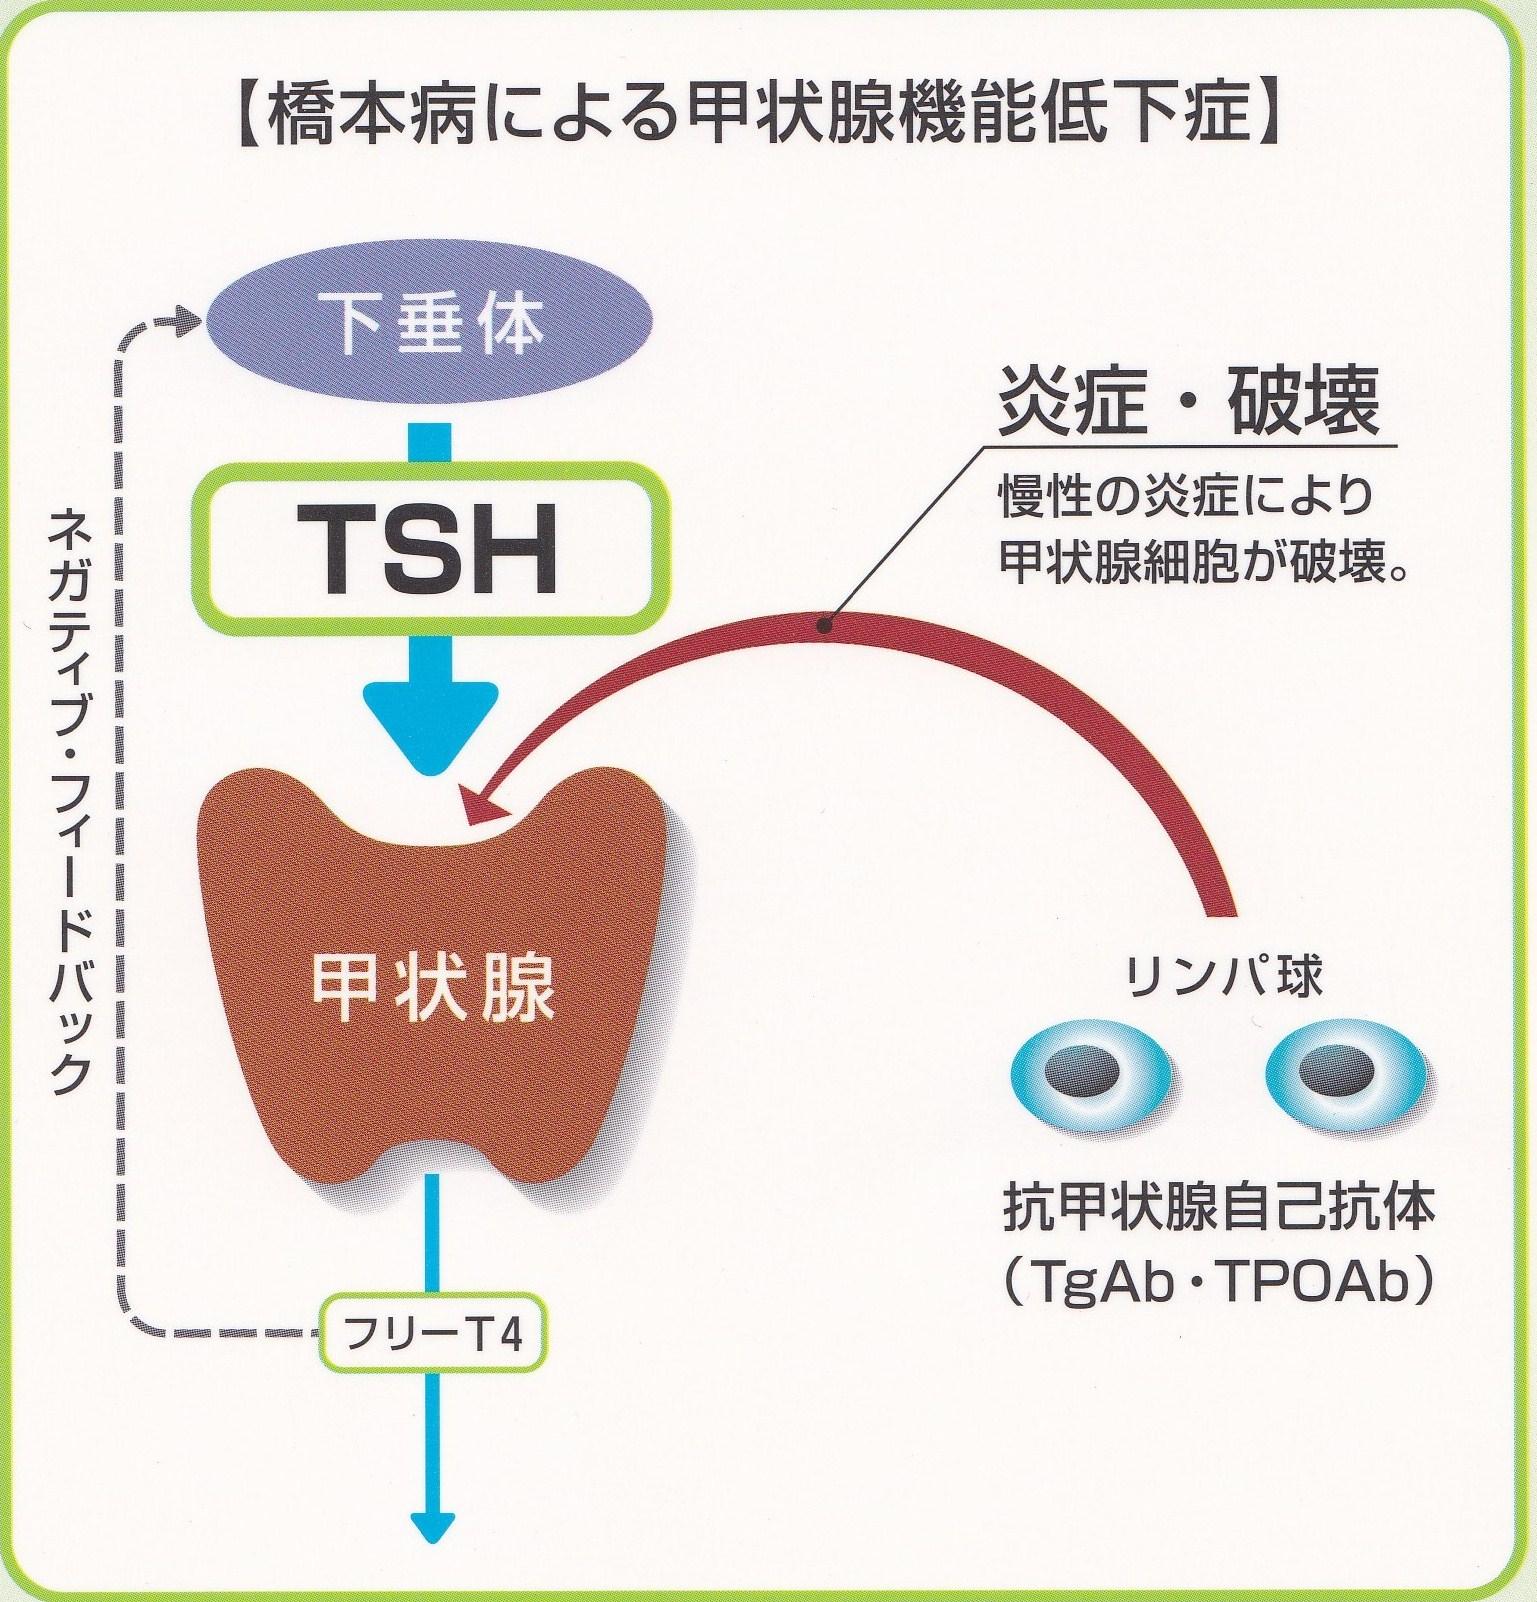 橋本病の病態への自己抗体の関与を説明する図